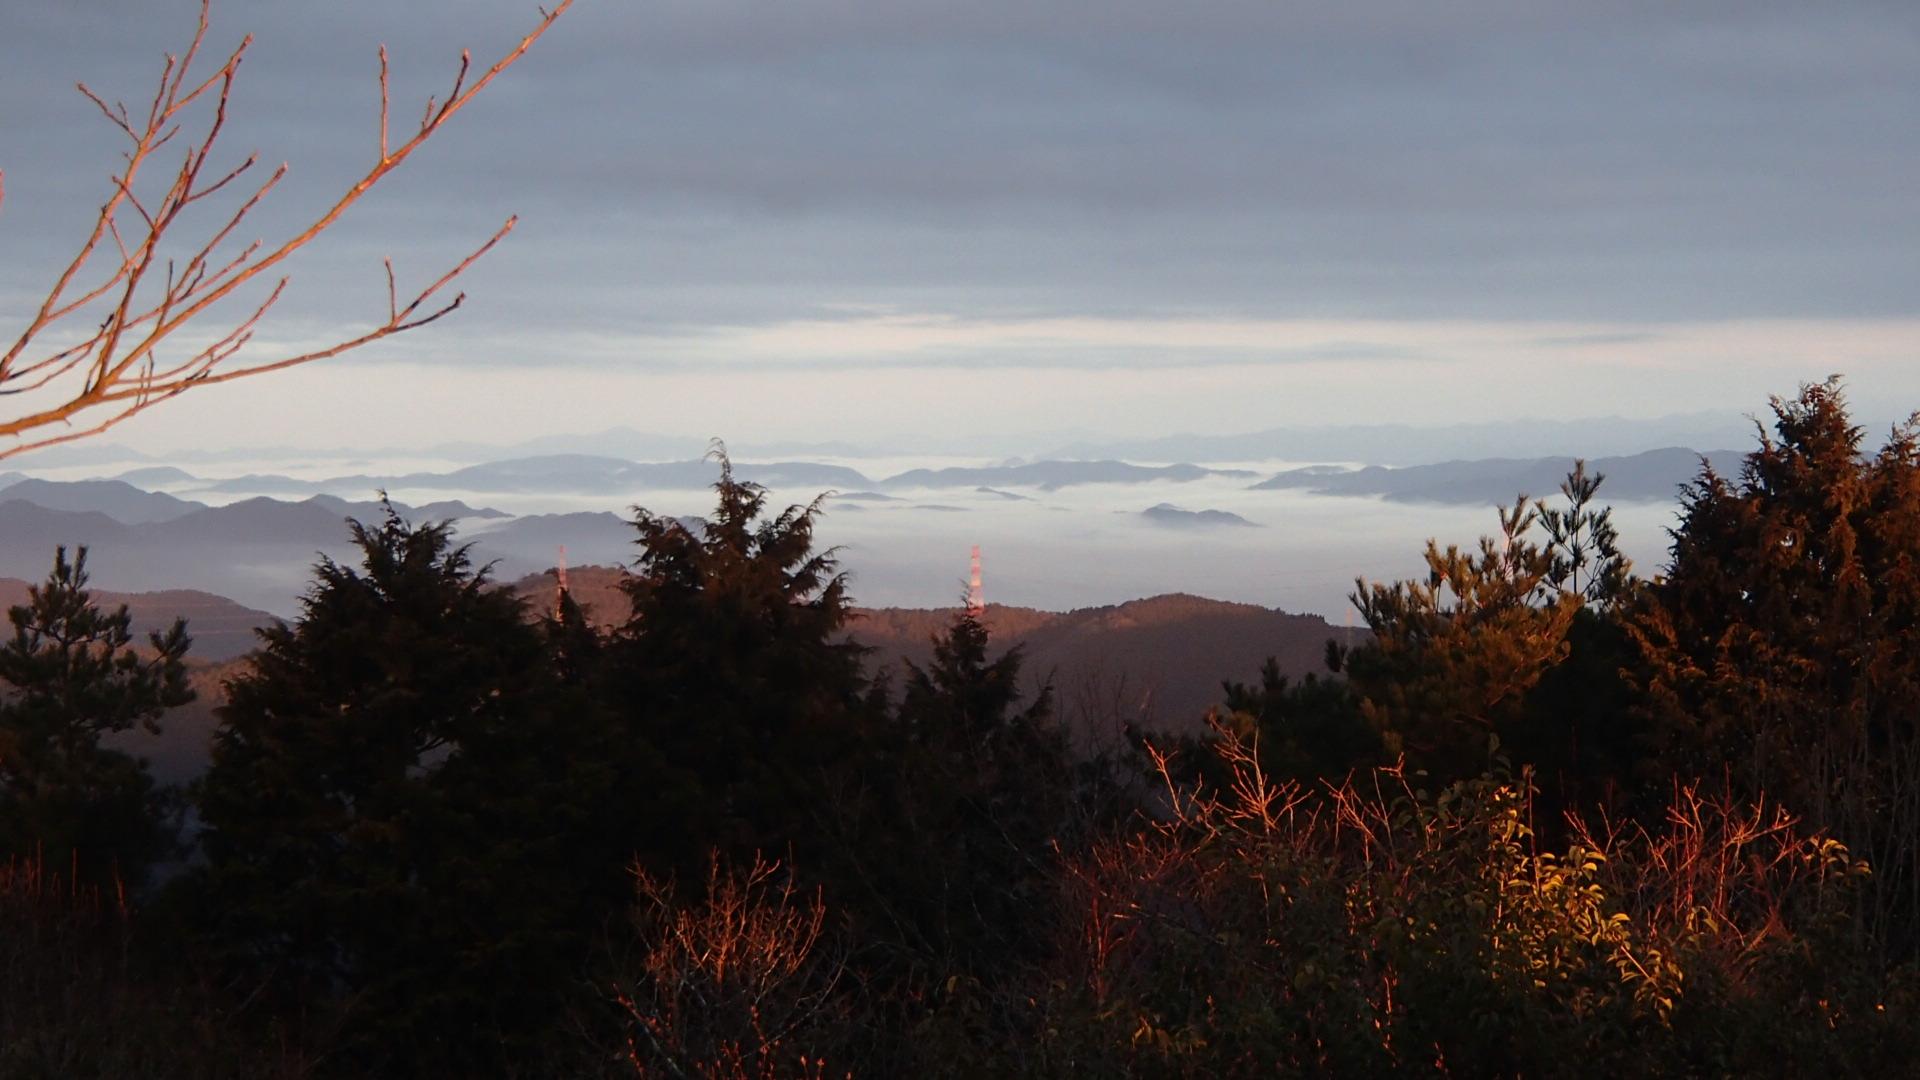 ポンポン山から亀岡方面の雲海